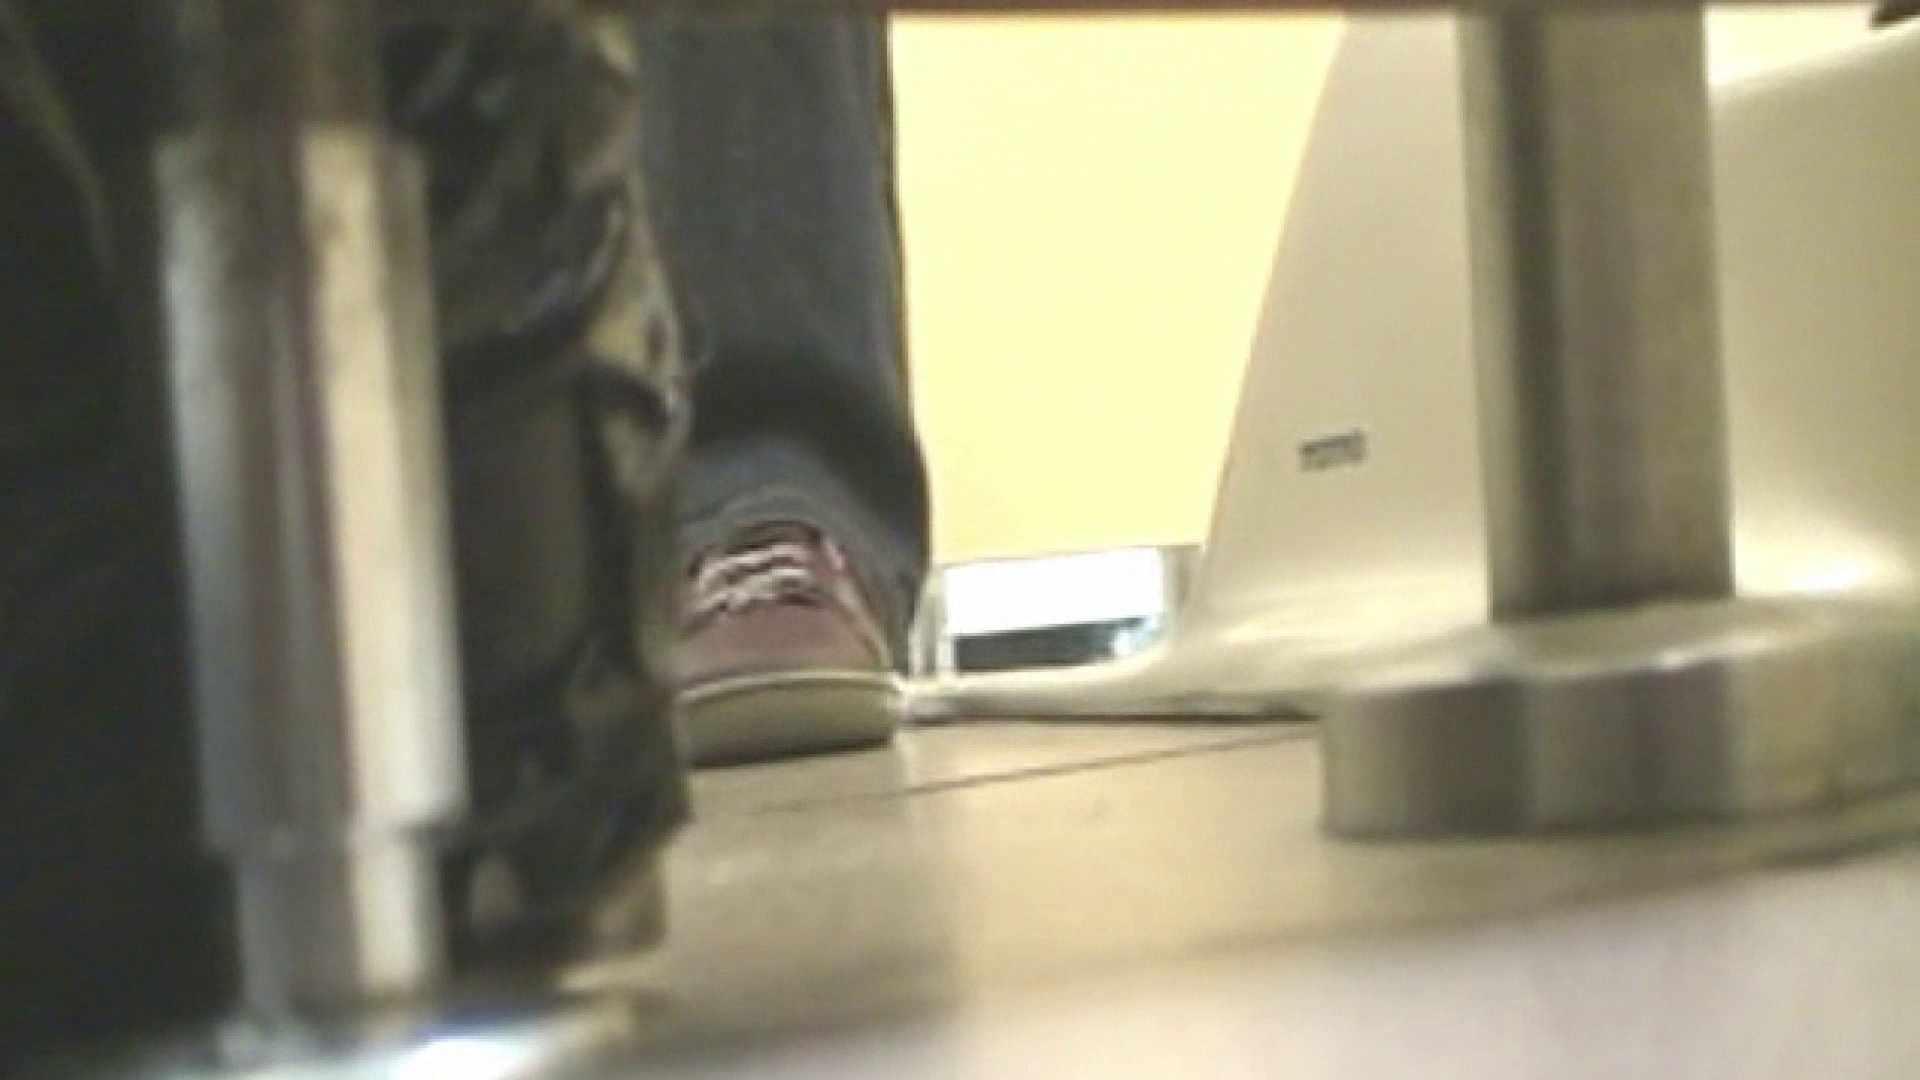 ロックハンドさんの盗撮記録File.48 マンコ無修正 盗み撮りAV無料動画キャプチャ 51画像 27